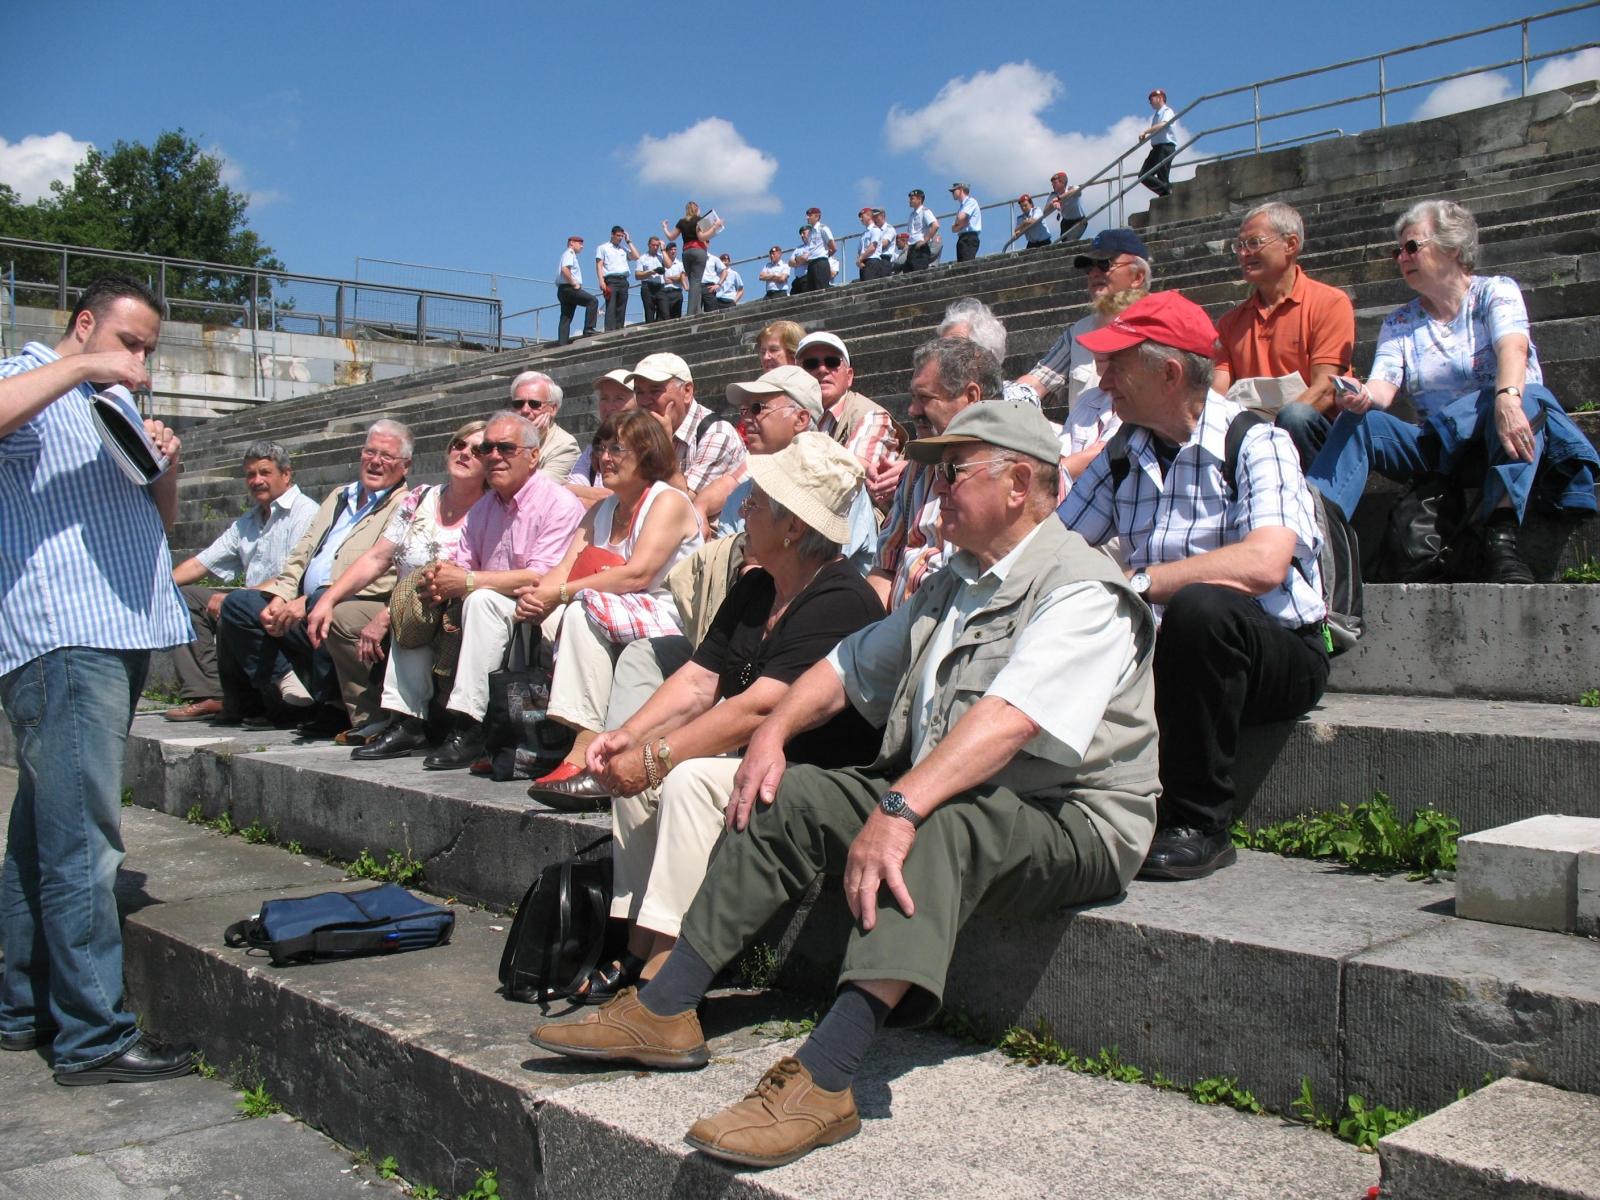 2009_06_17 Jahresausflug nach Nürnberg